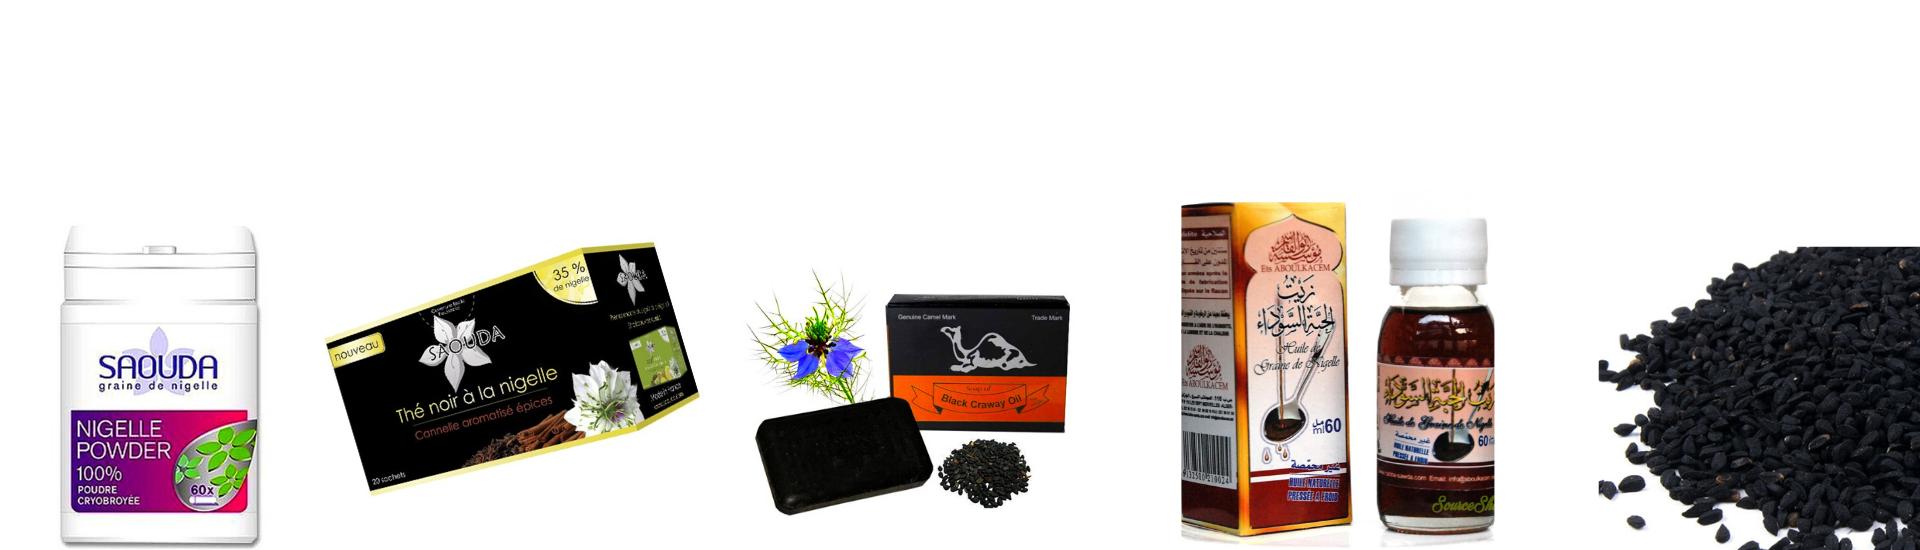 Nigelle: découvrez tous nos produits à base de cette plante